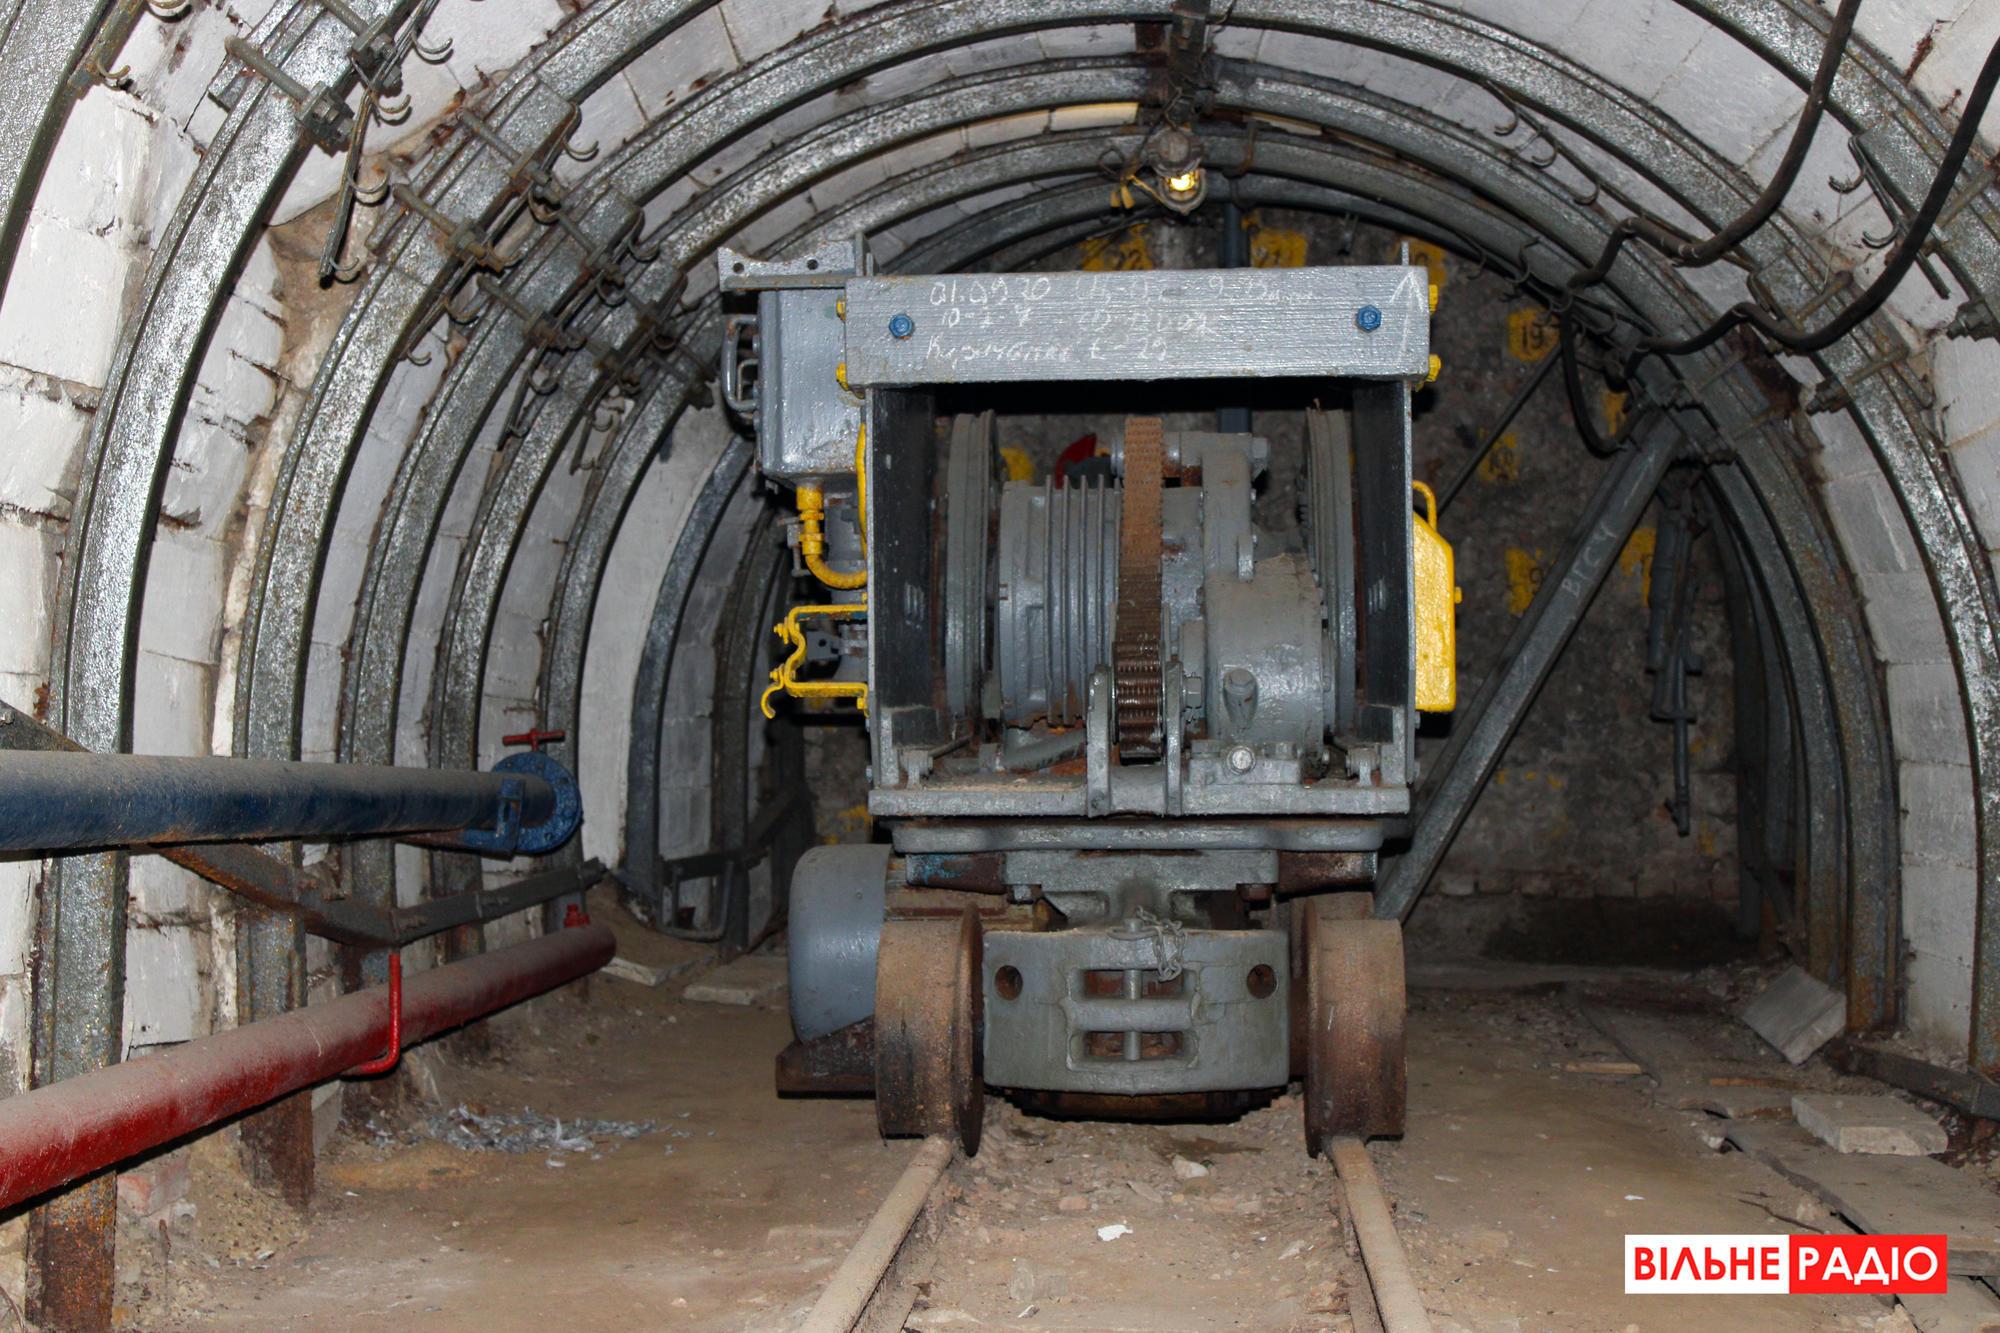 Навантажувальна машина, з якою працюють гірники. Фото з навчальної шахти в Торецьку